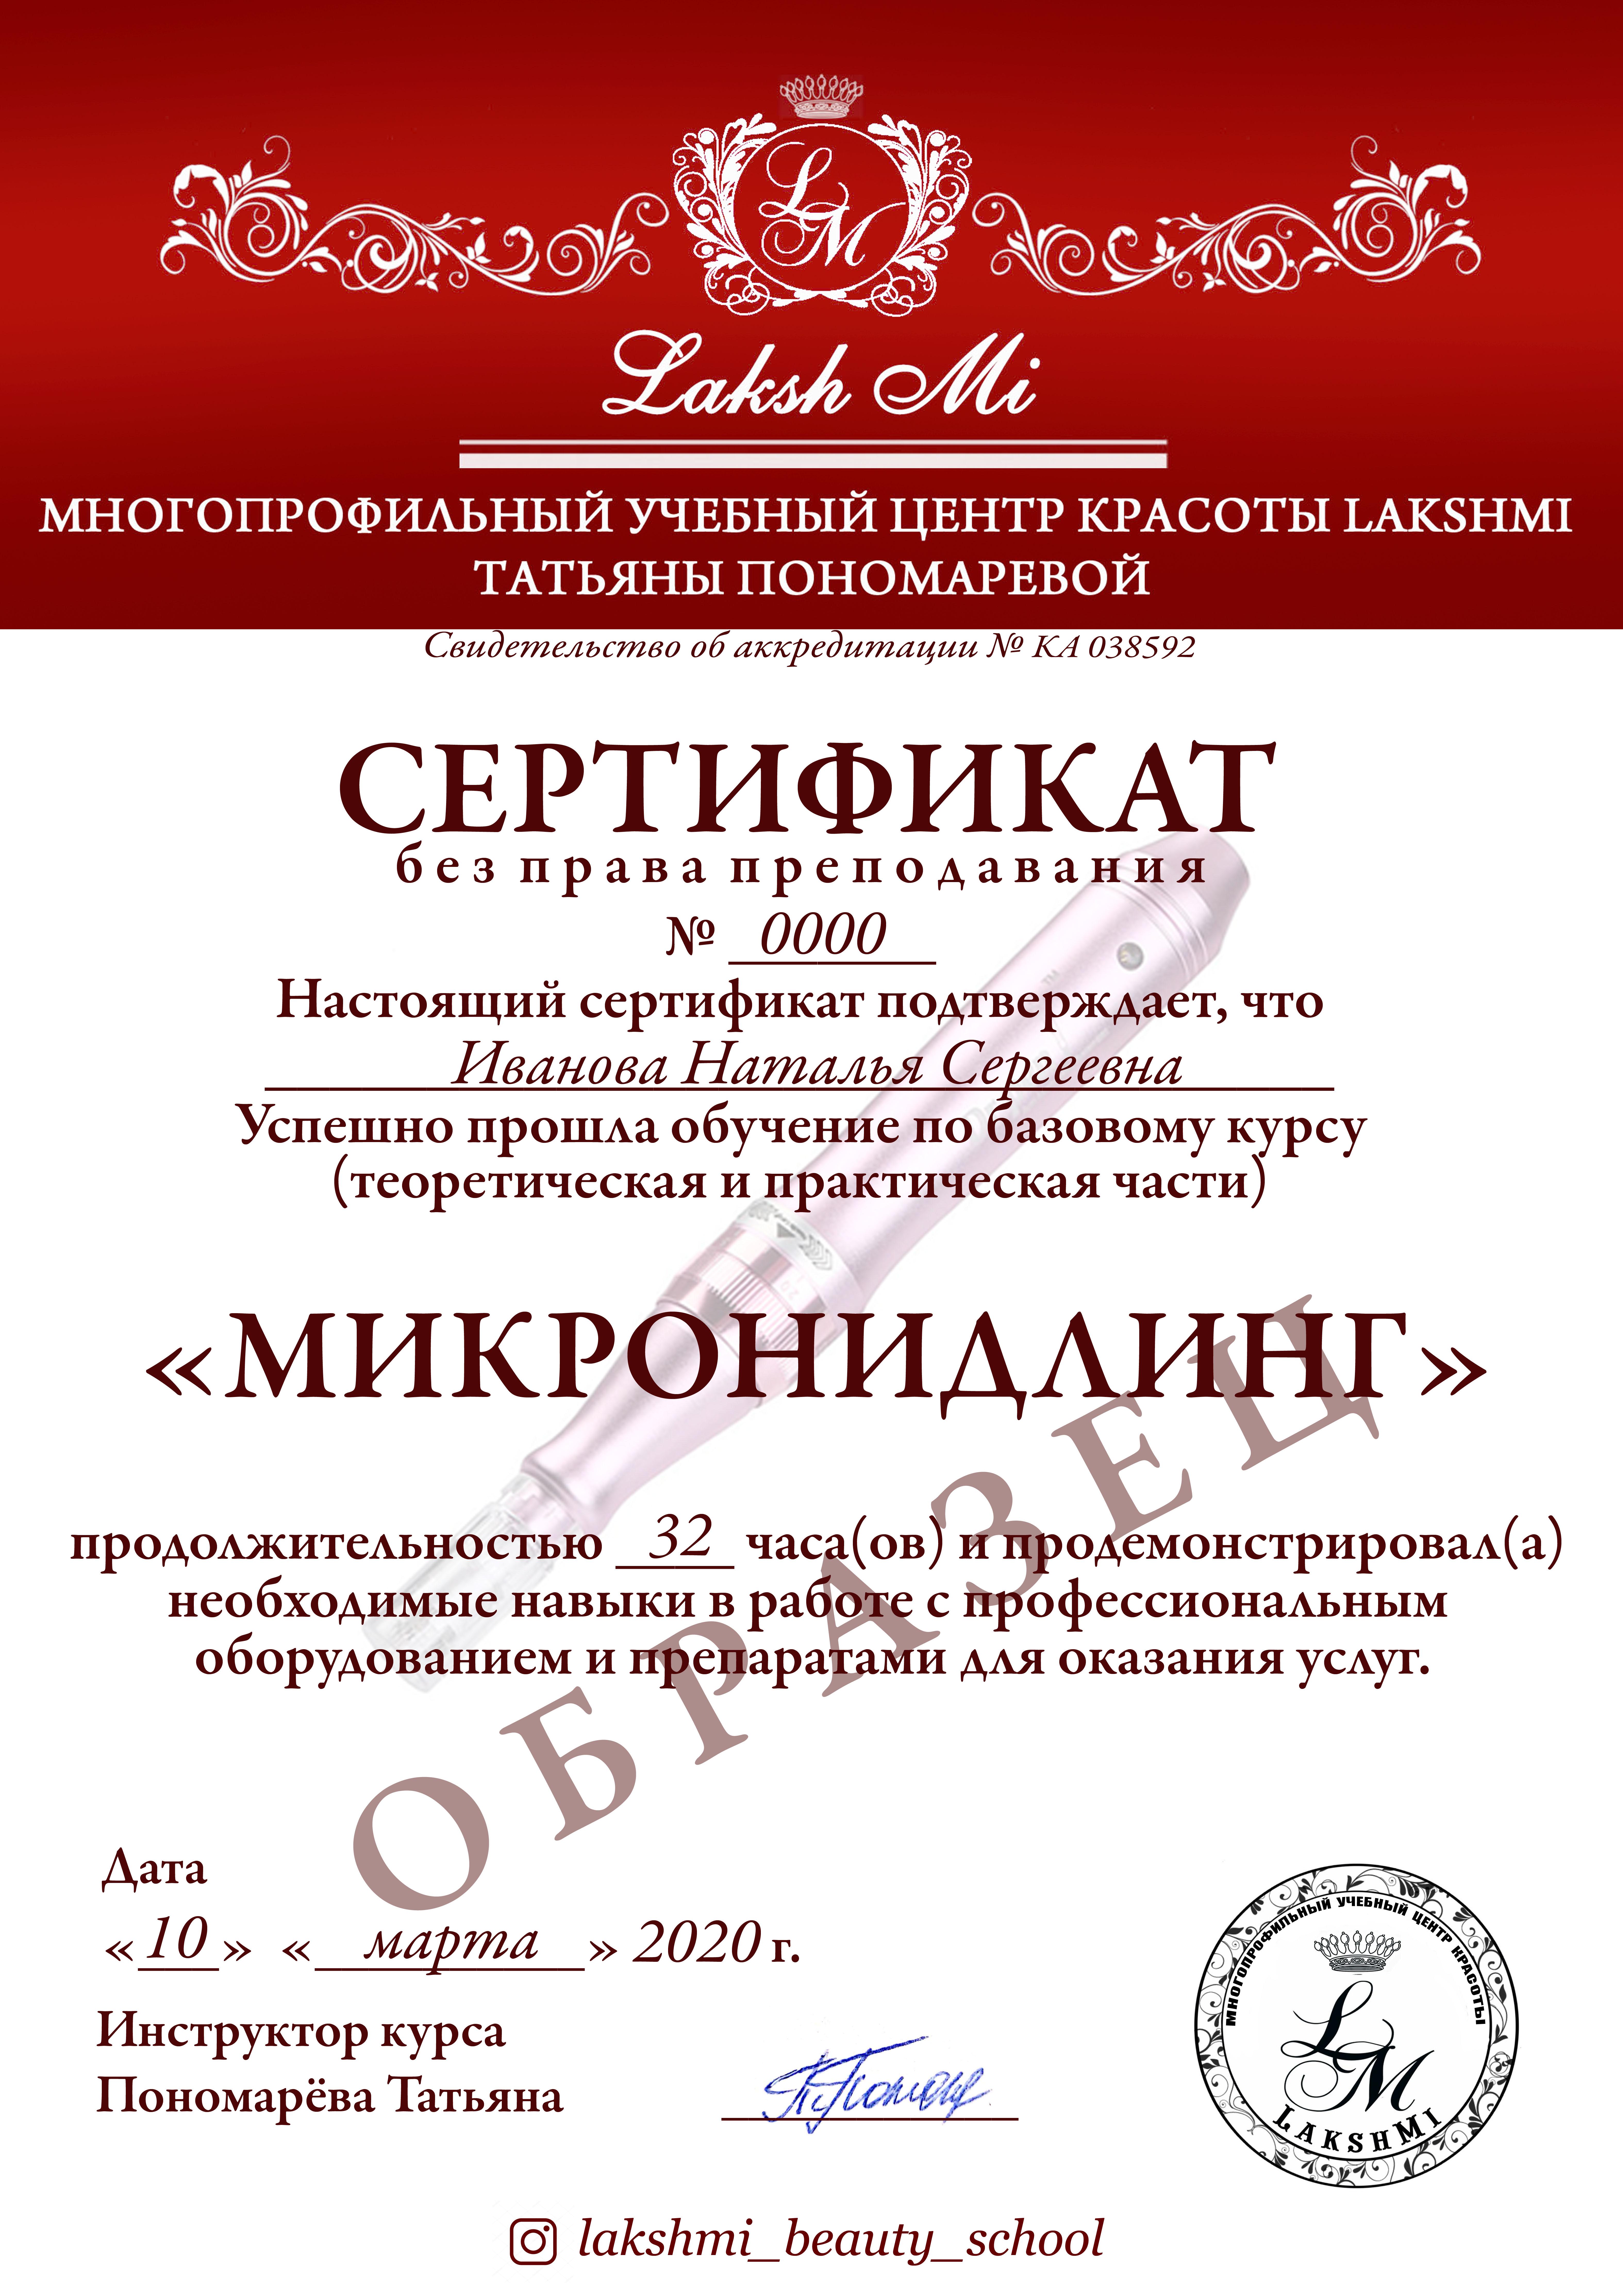 сертификат микронидлинг